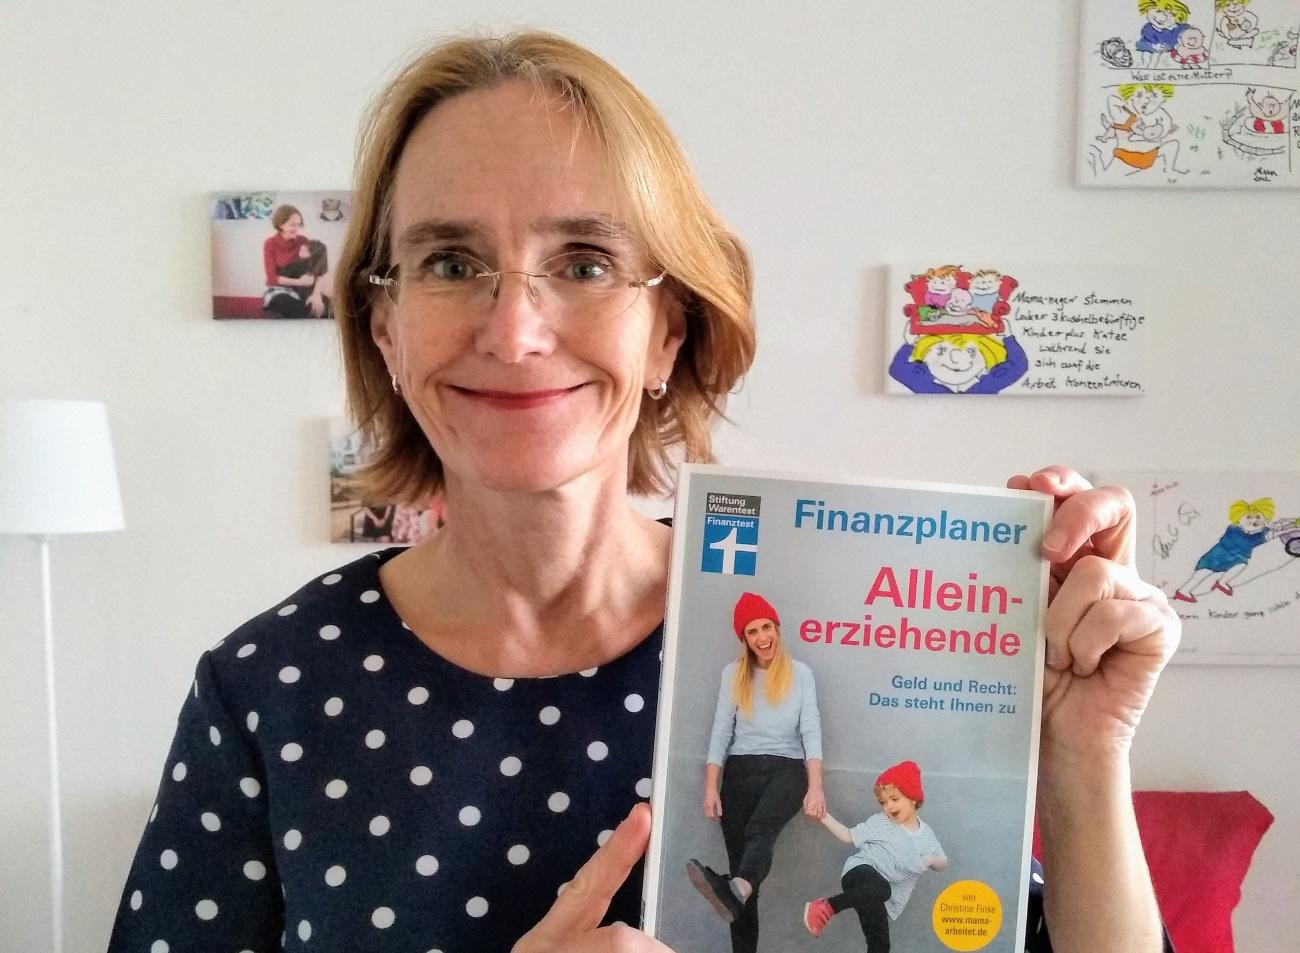 Finanzplaner Alleinerziehende Christine Finke